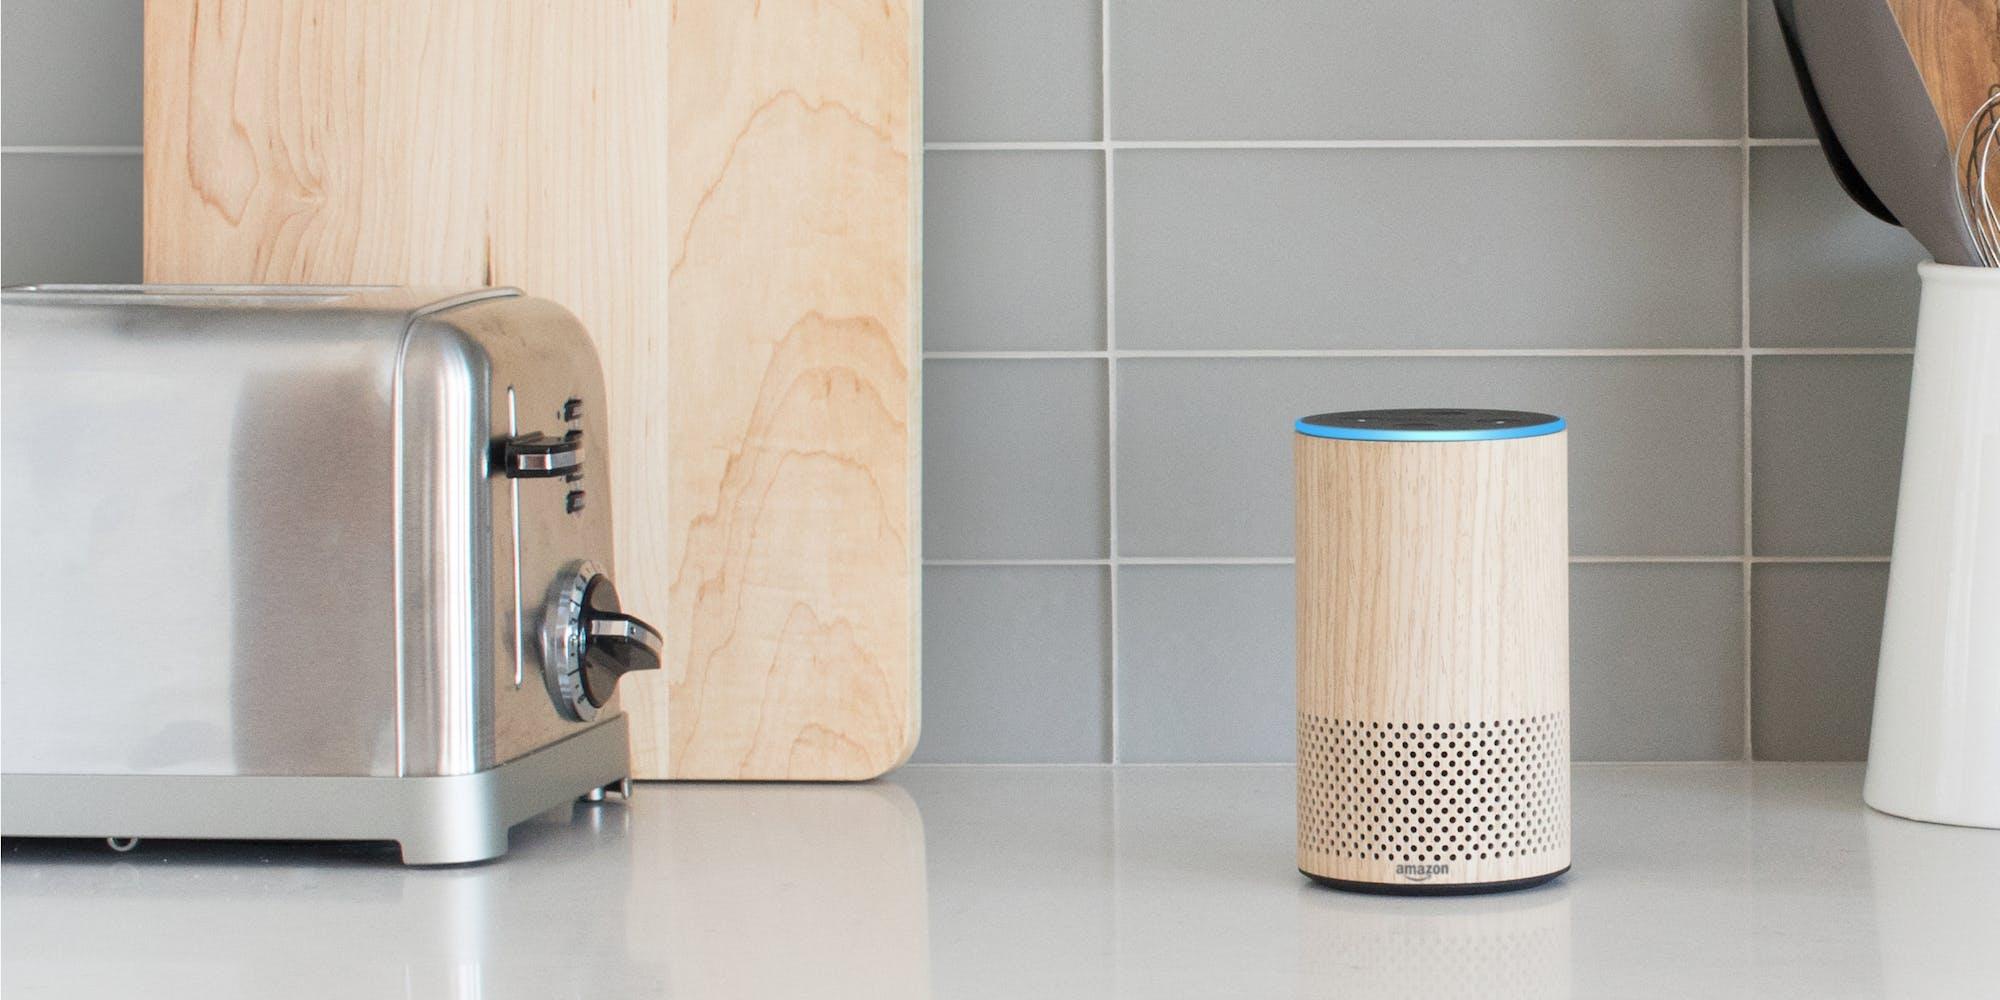 How to use Alexa : Amazon Echo in kitchen next to a toaster